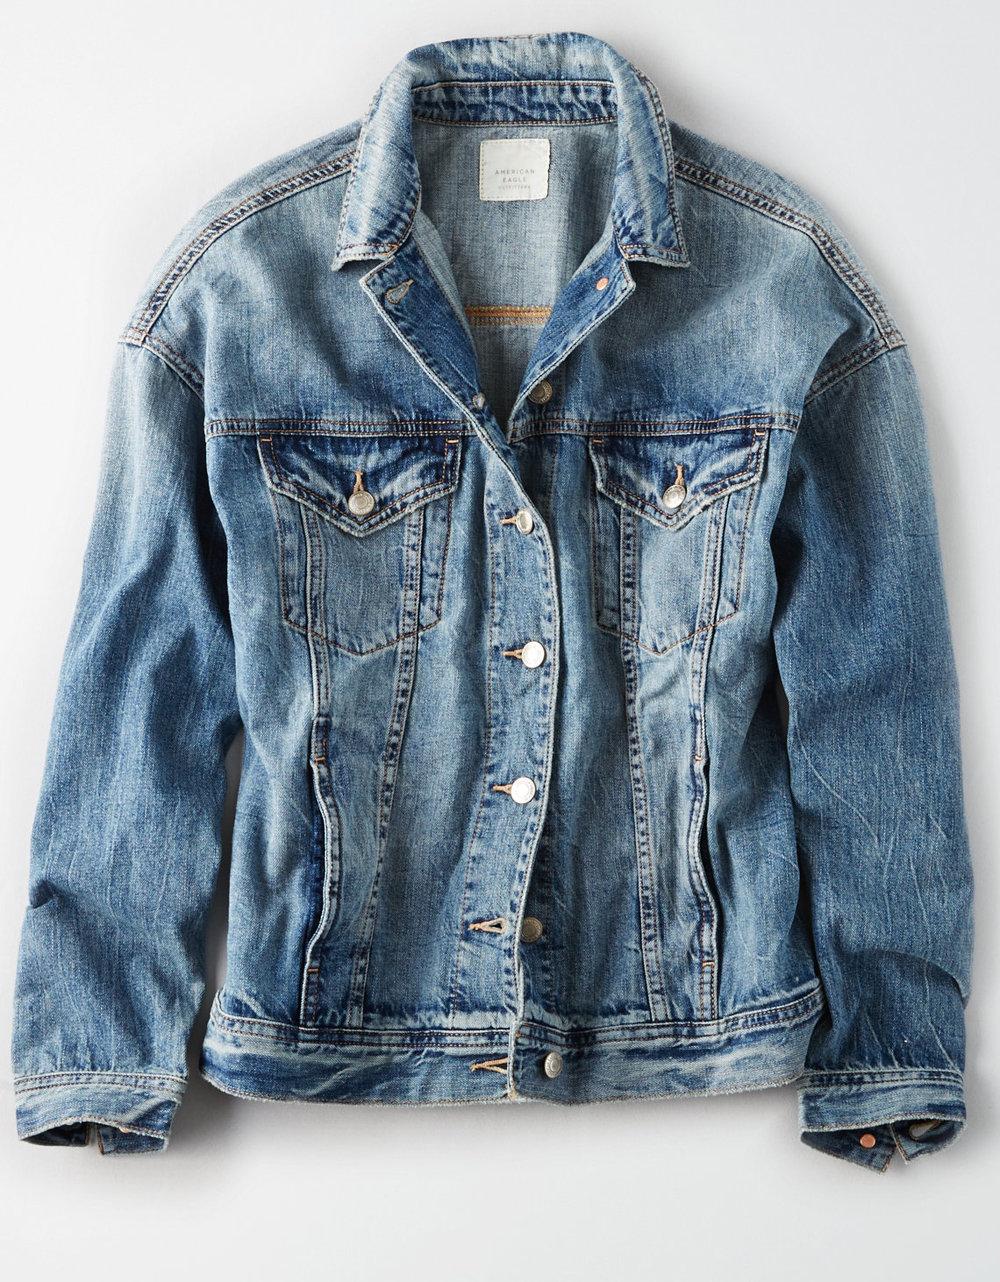 denim jacket.jpeg